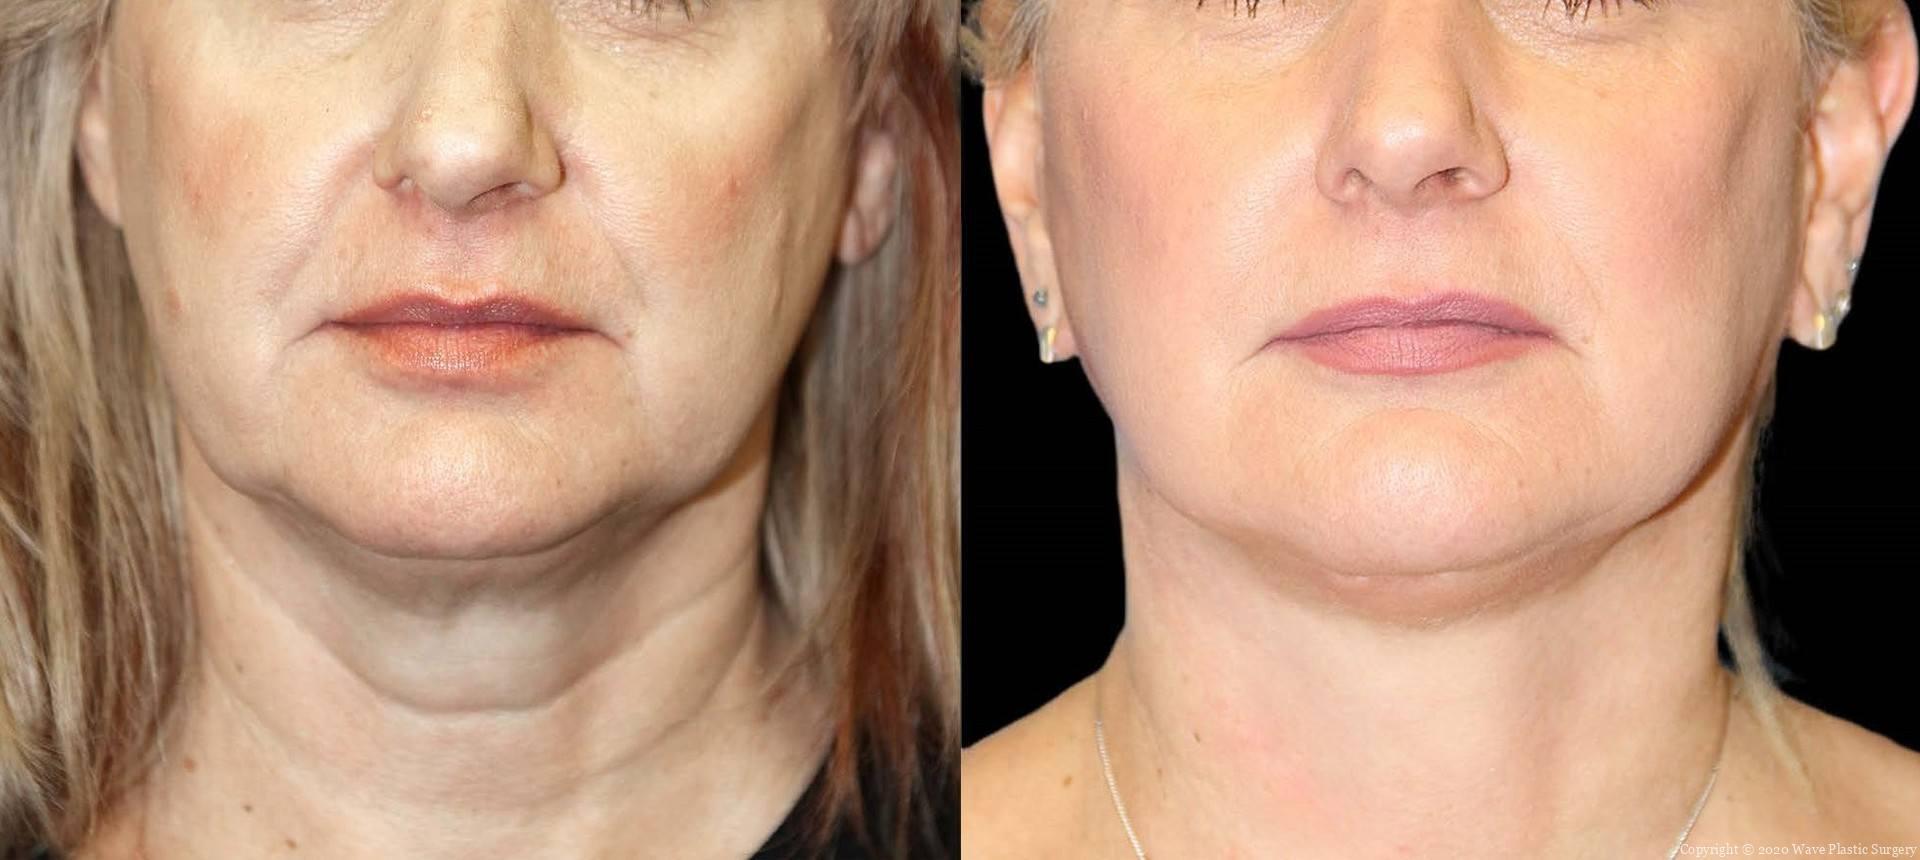 Curelift Facelifts Facial Surgery 4